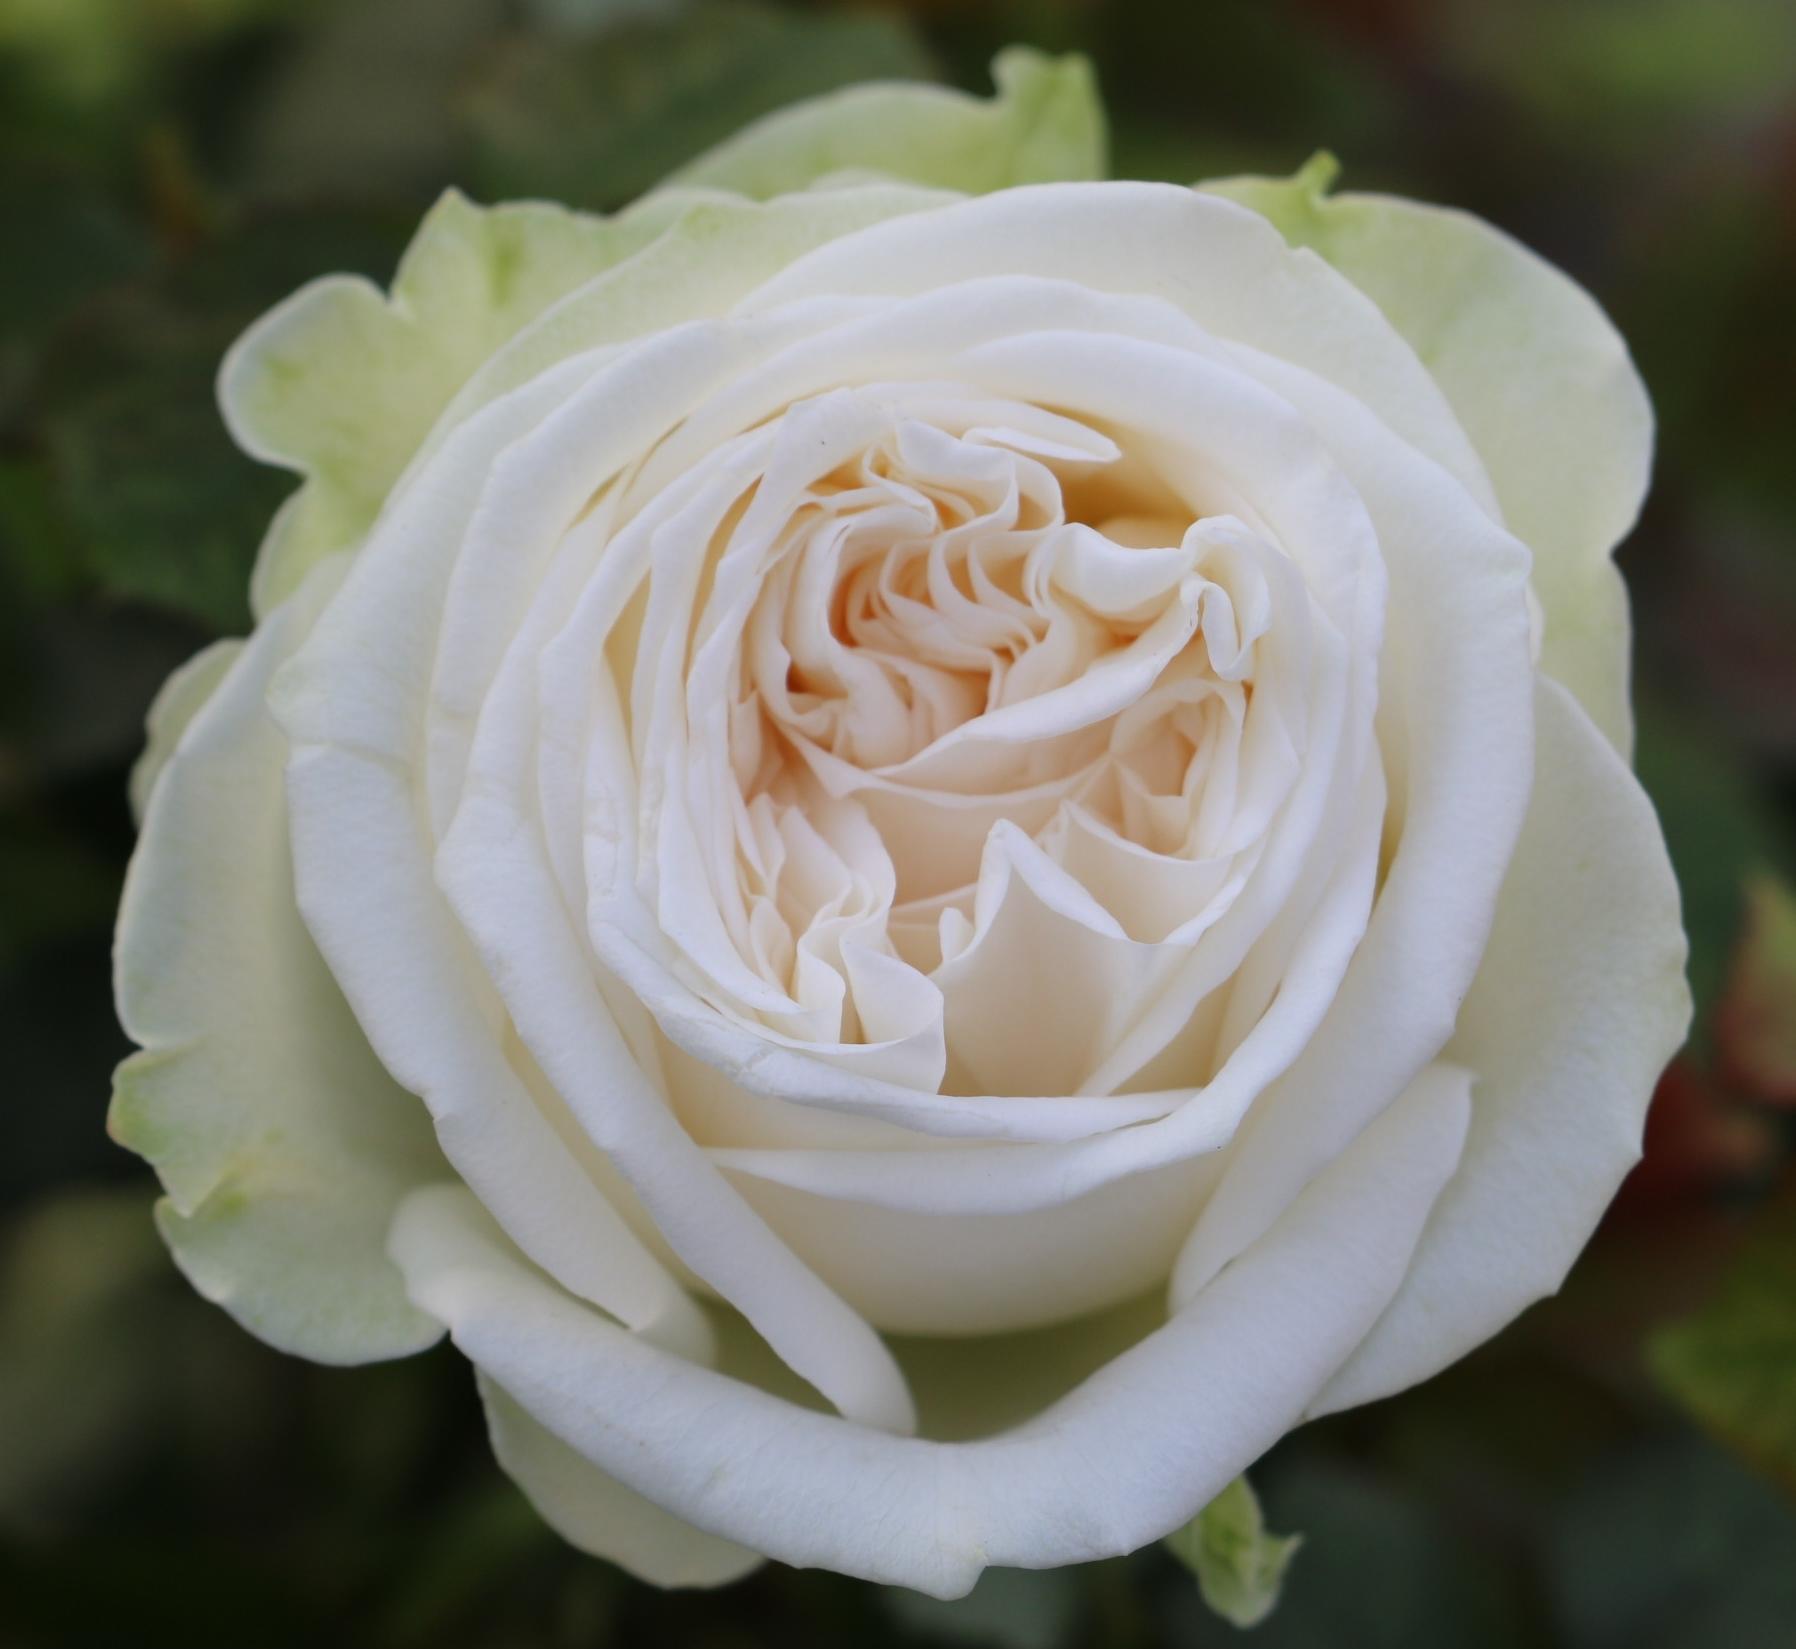 Mar 31, 2017 Romantic Garden White Lisa Hunstad Comment